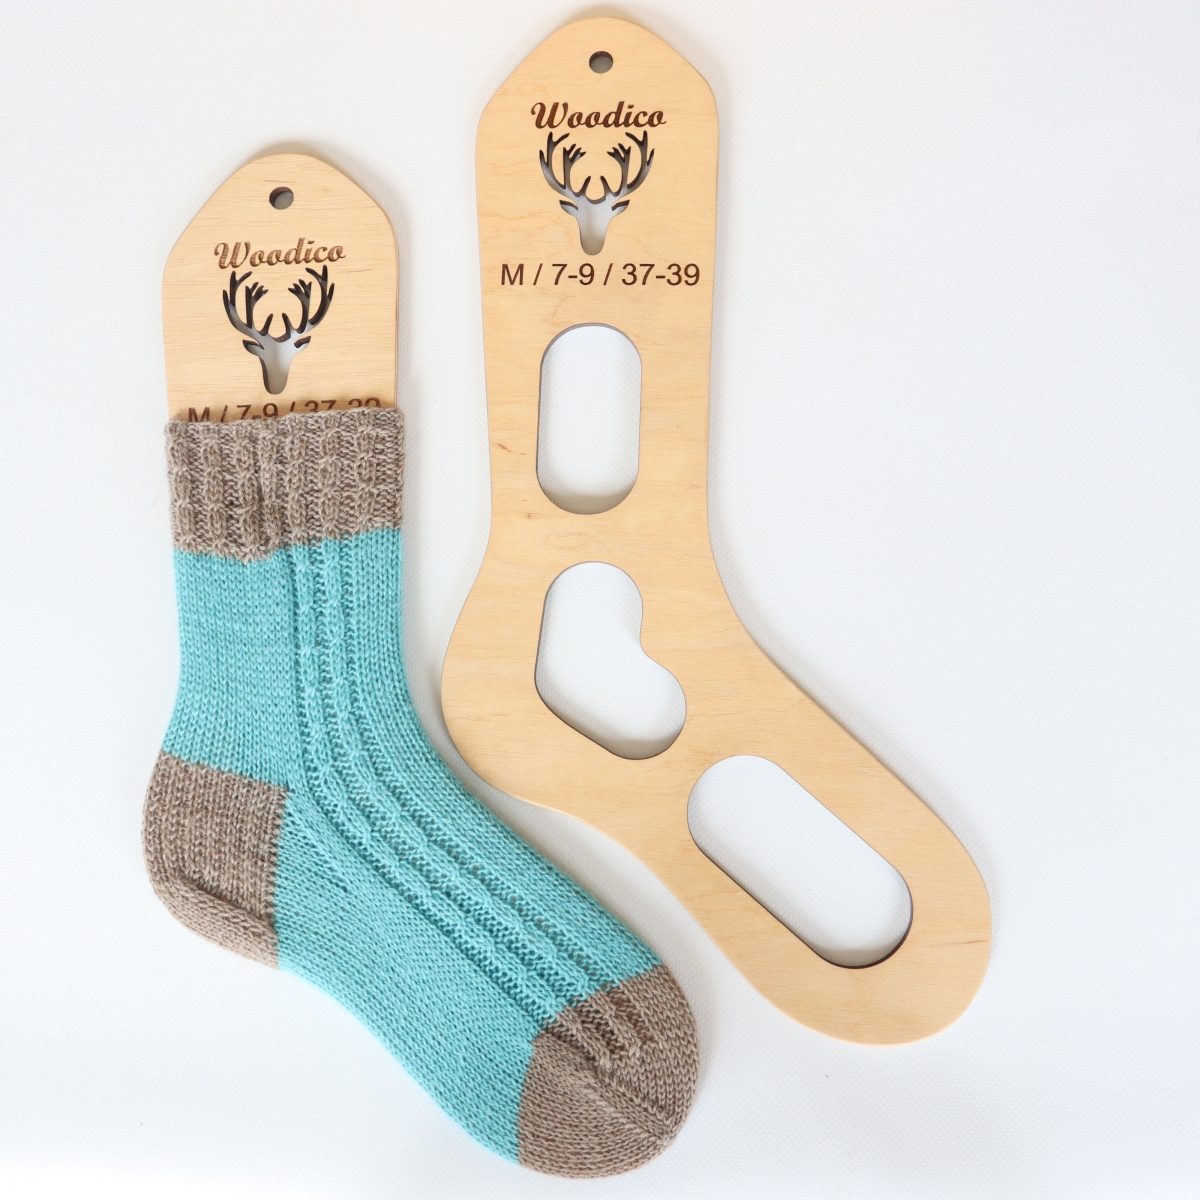 woodico.pro wooden sock blockers deer 1200x1200 - Wooden sock blockers / Deer